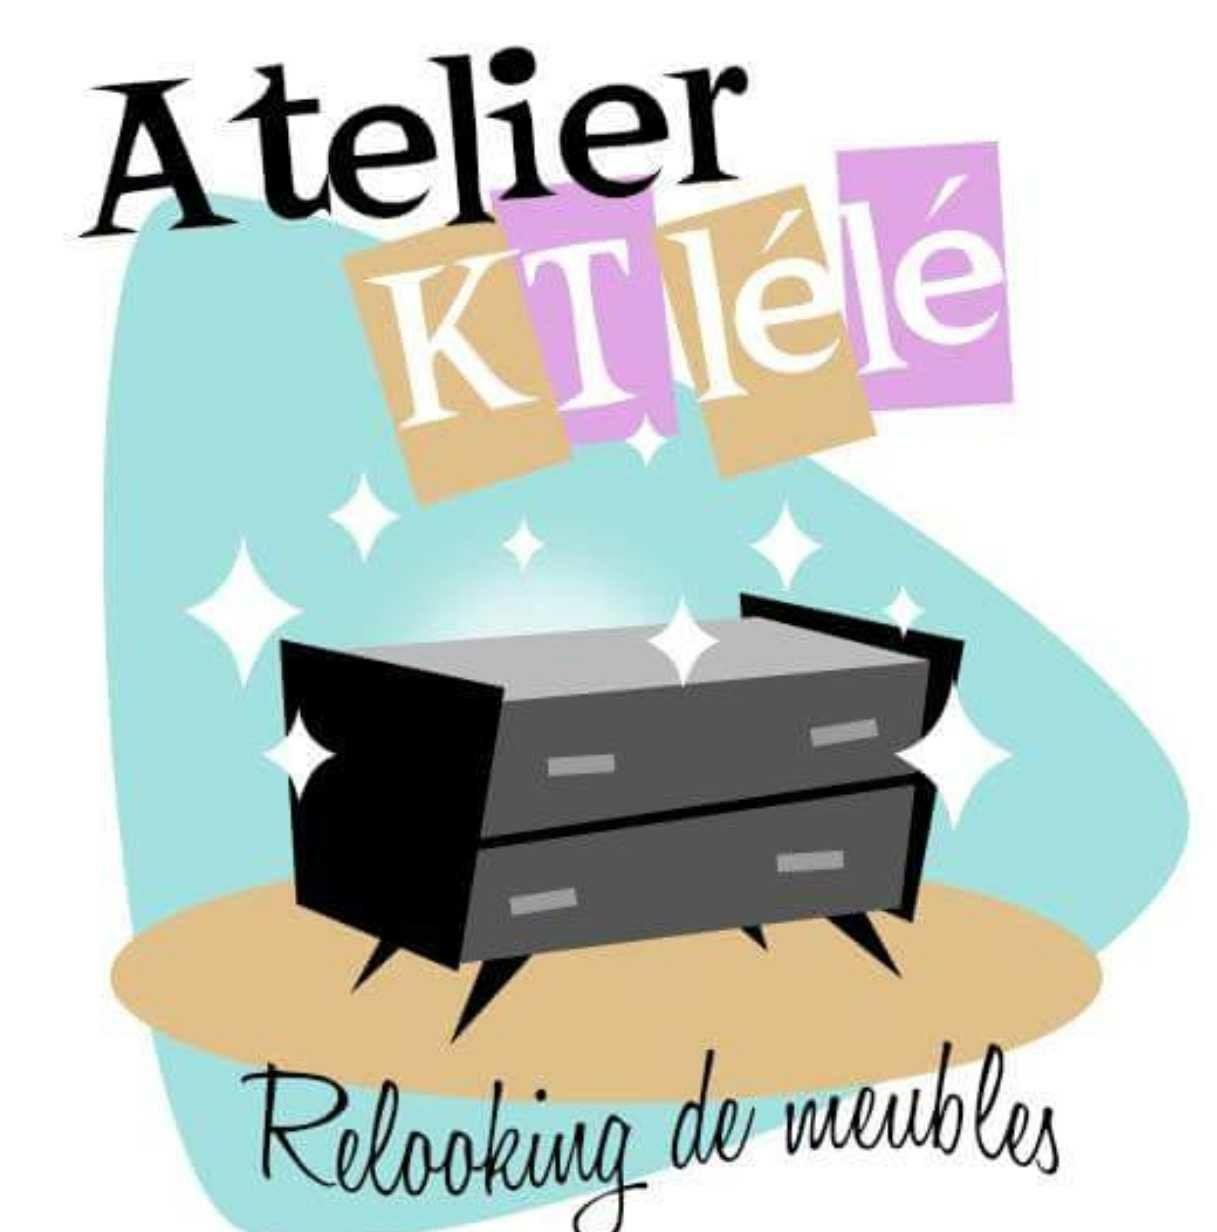 Atelier Kt Lélé